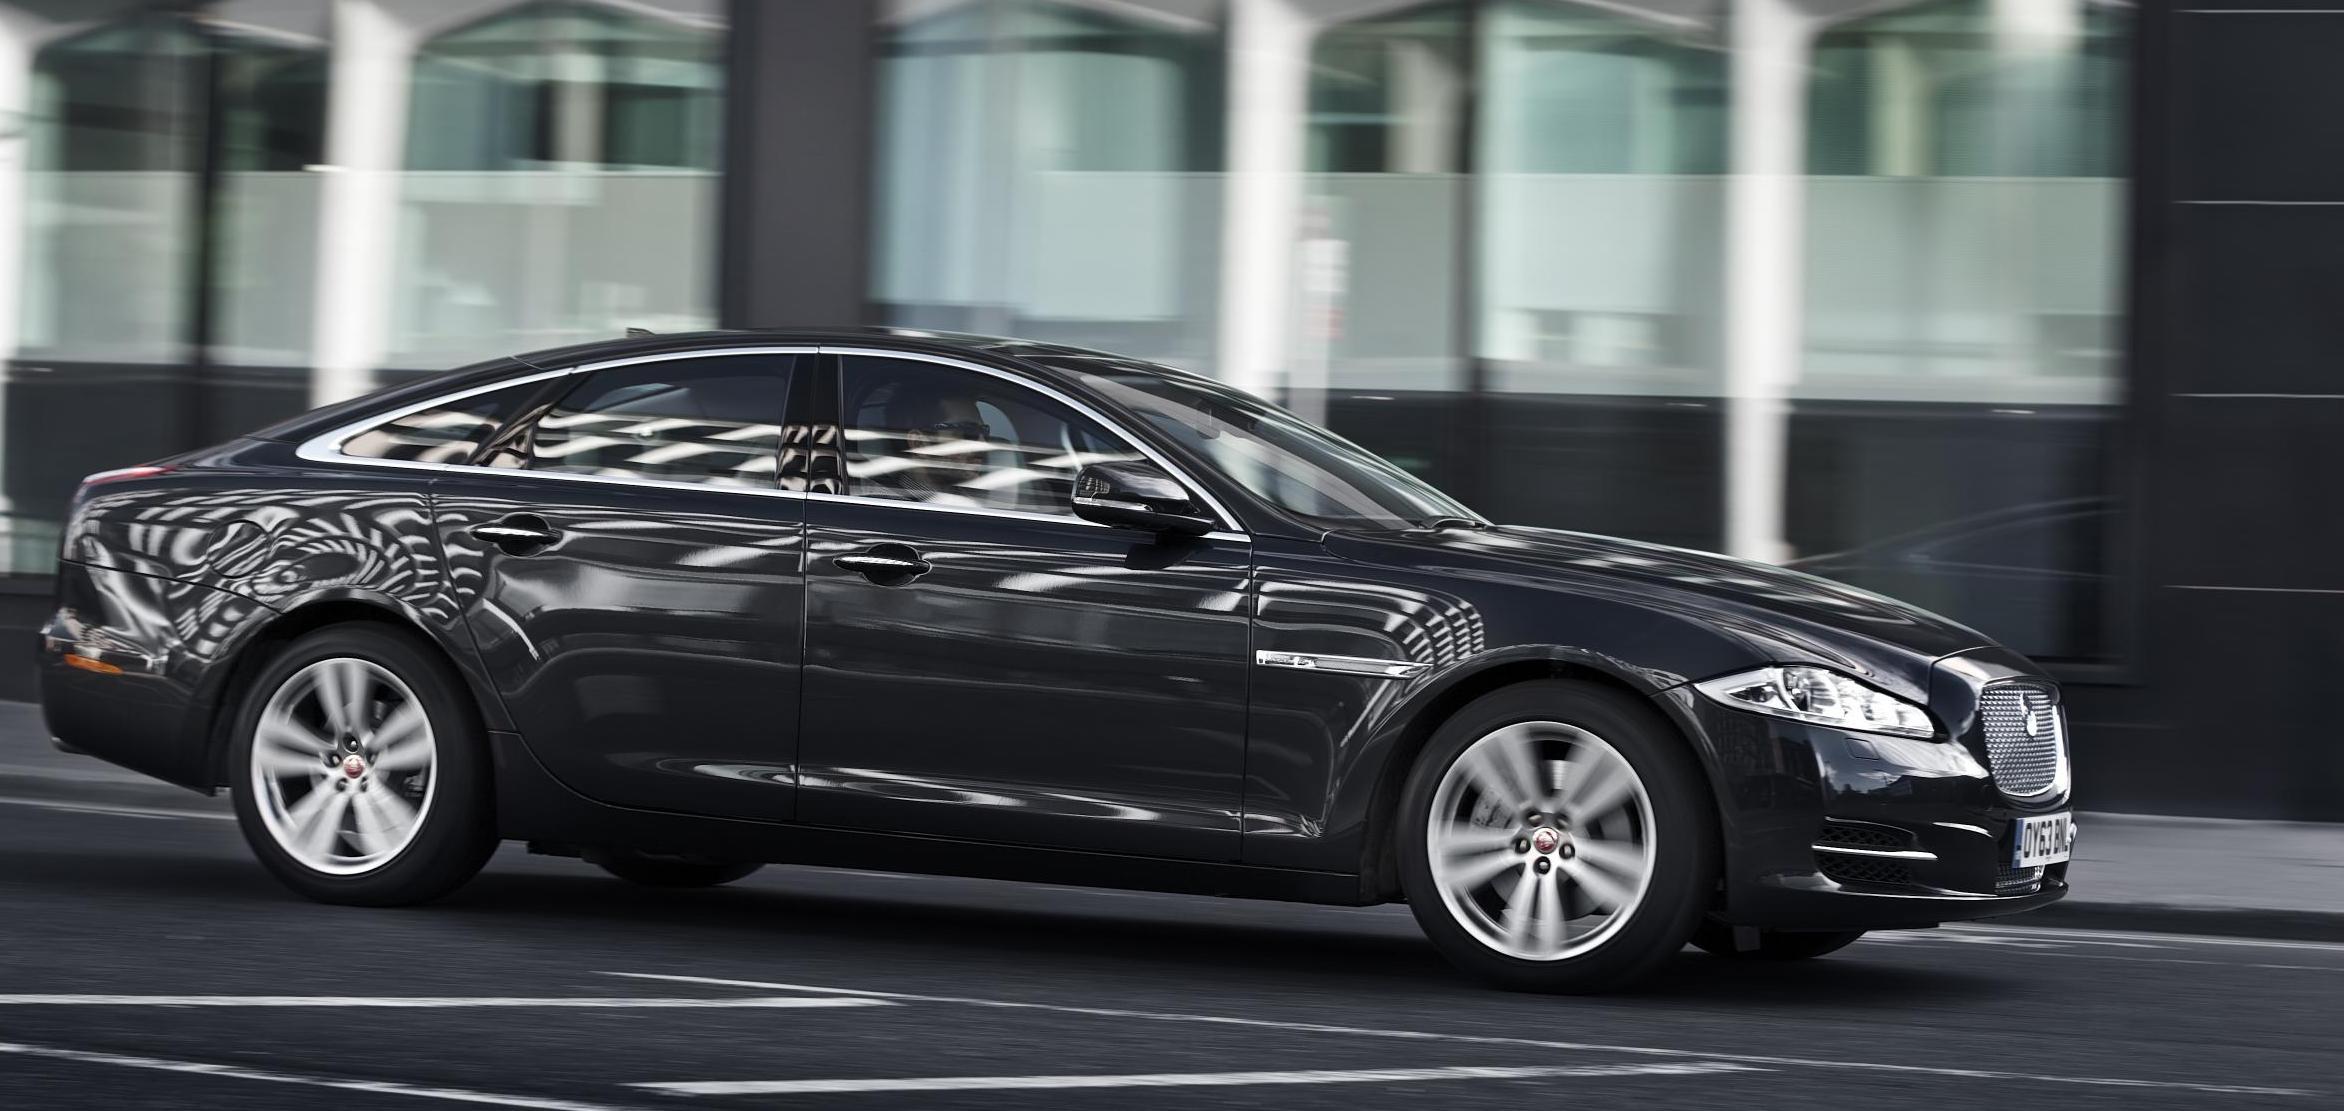 Jaguar XJ saloon